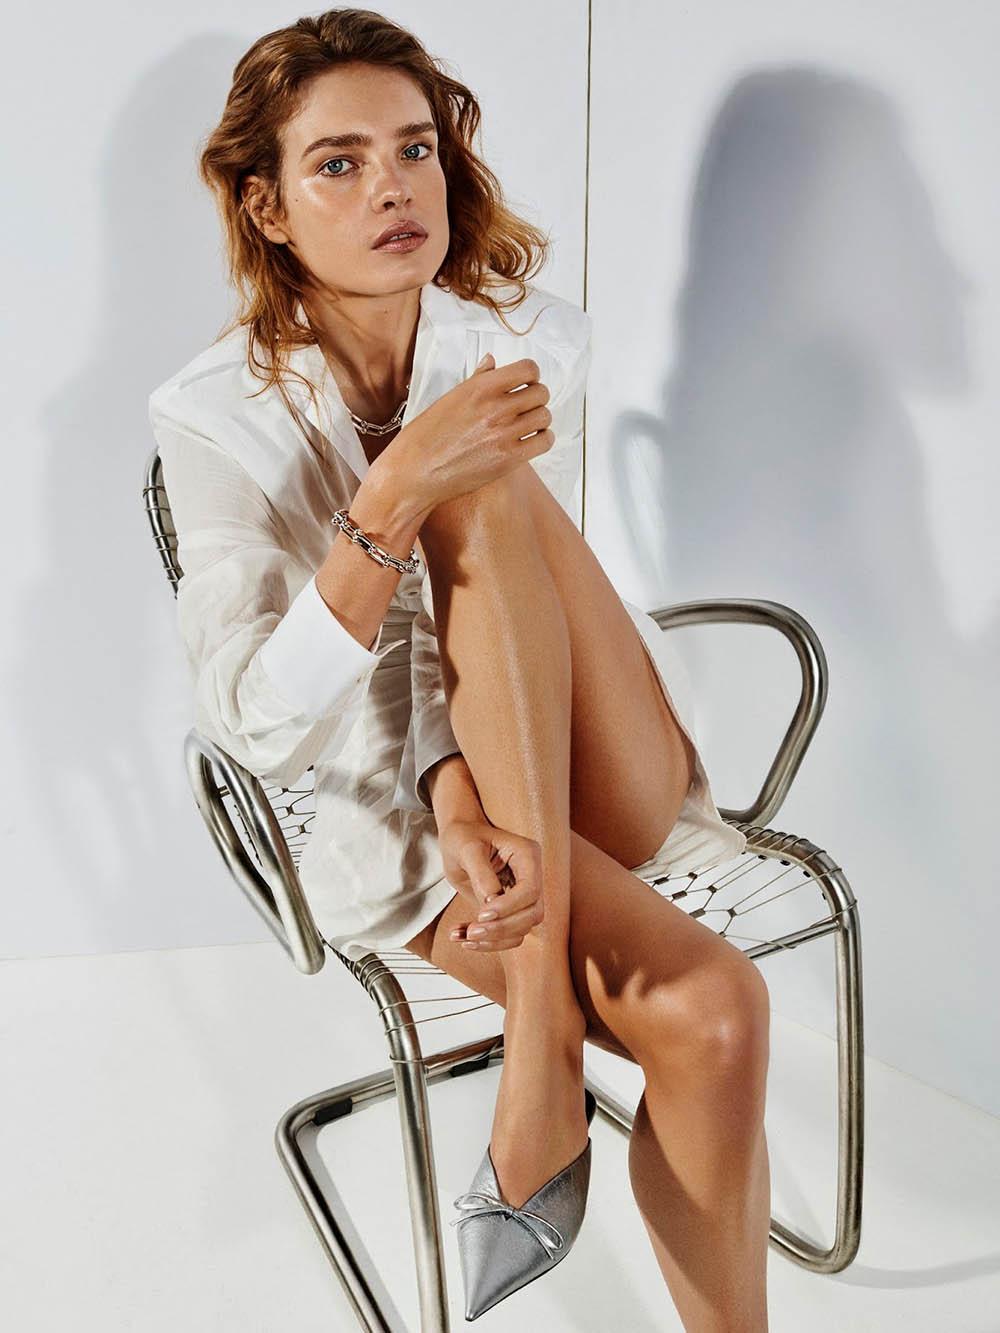 Natalia Vodianova covers Porter Edit March 16th, 2018 by Alique